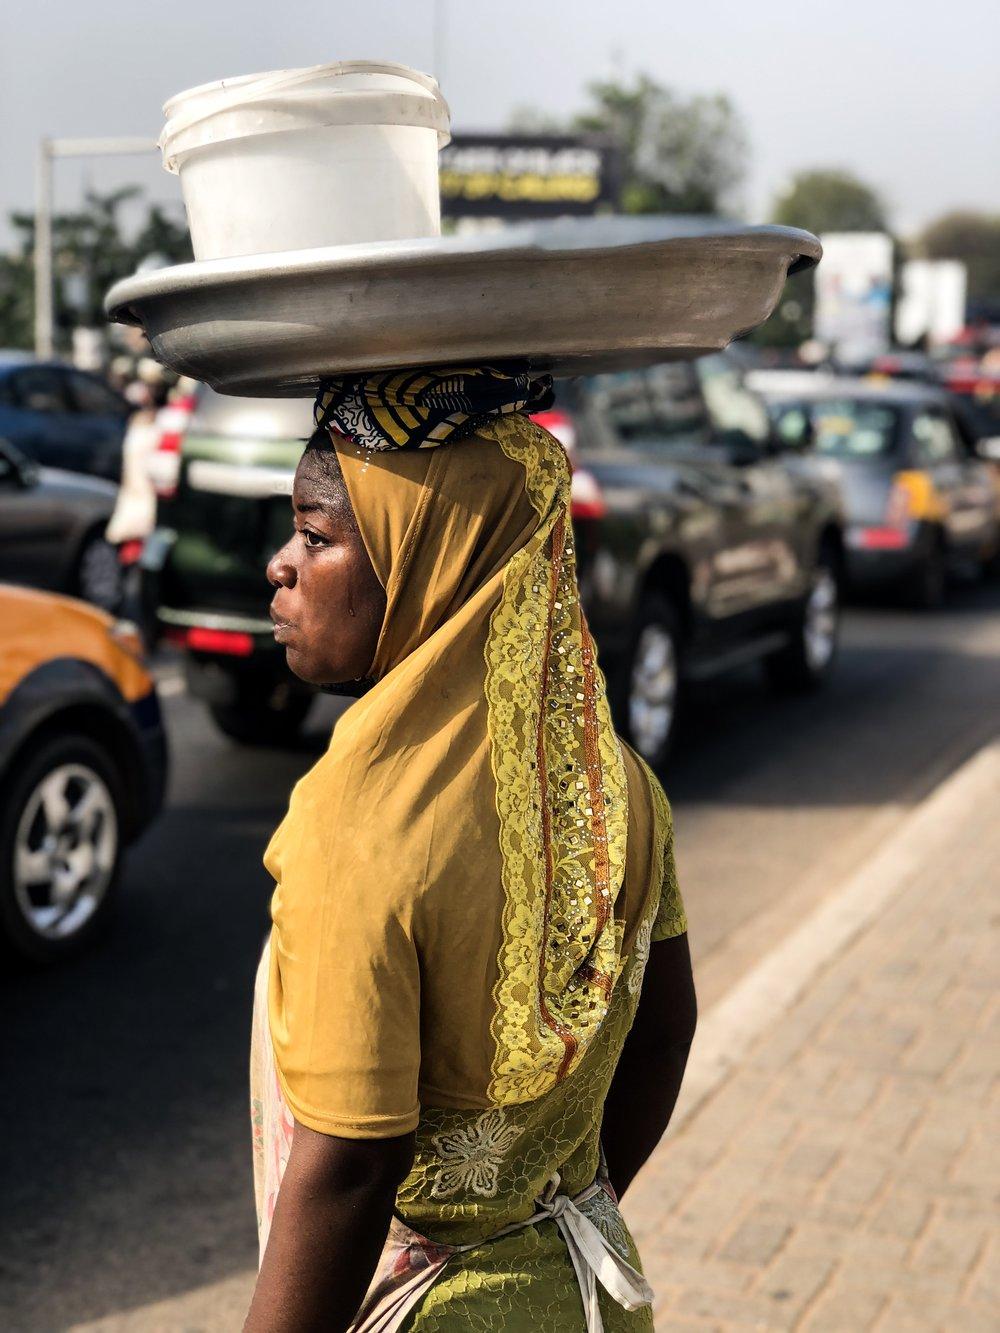 Ghana street seller